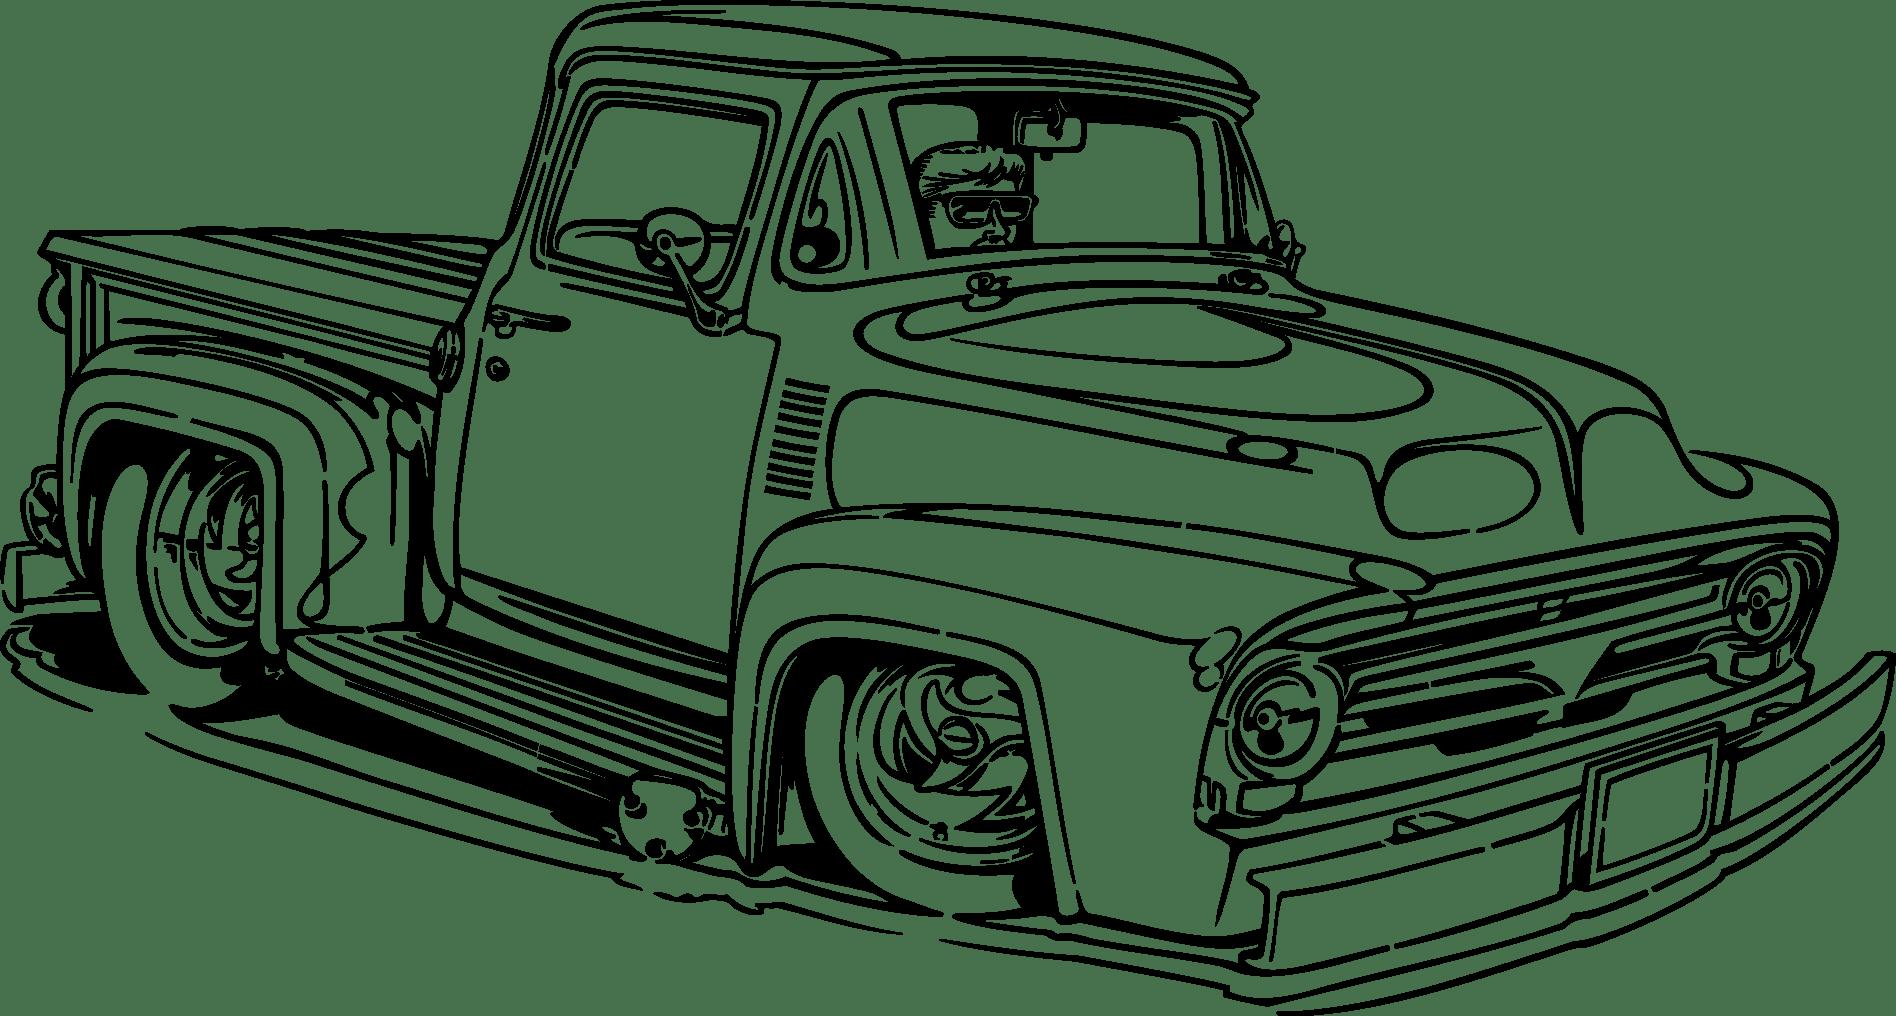 Vintage Truck Vector At Getdrawings